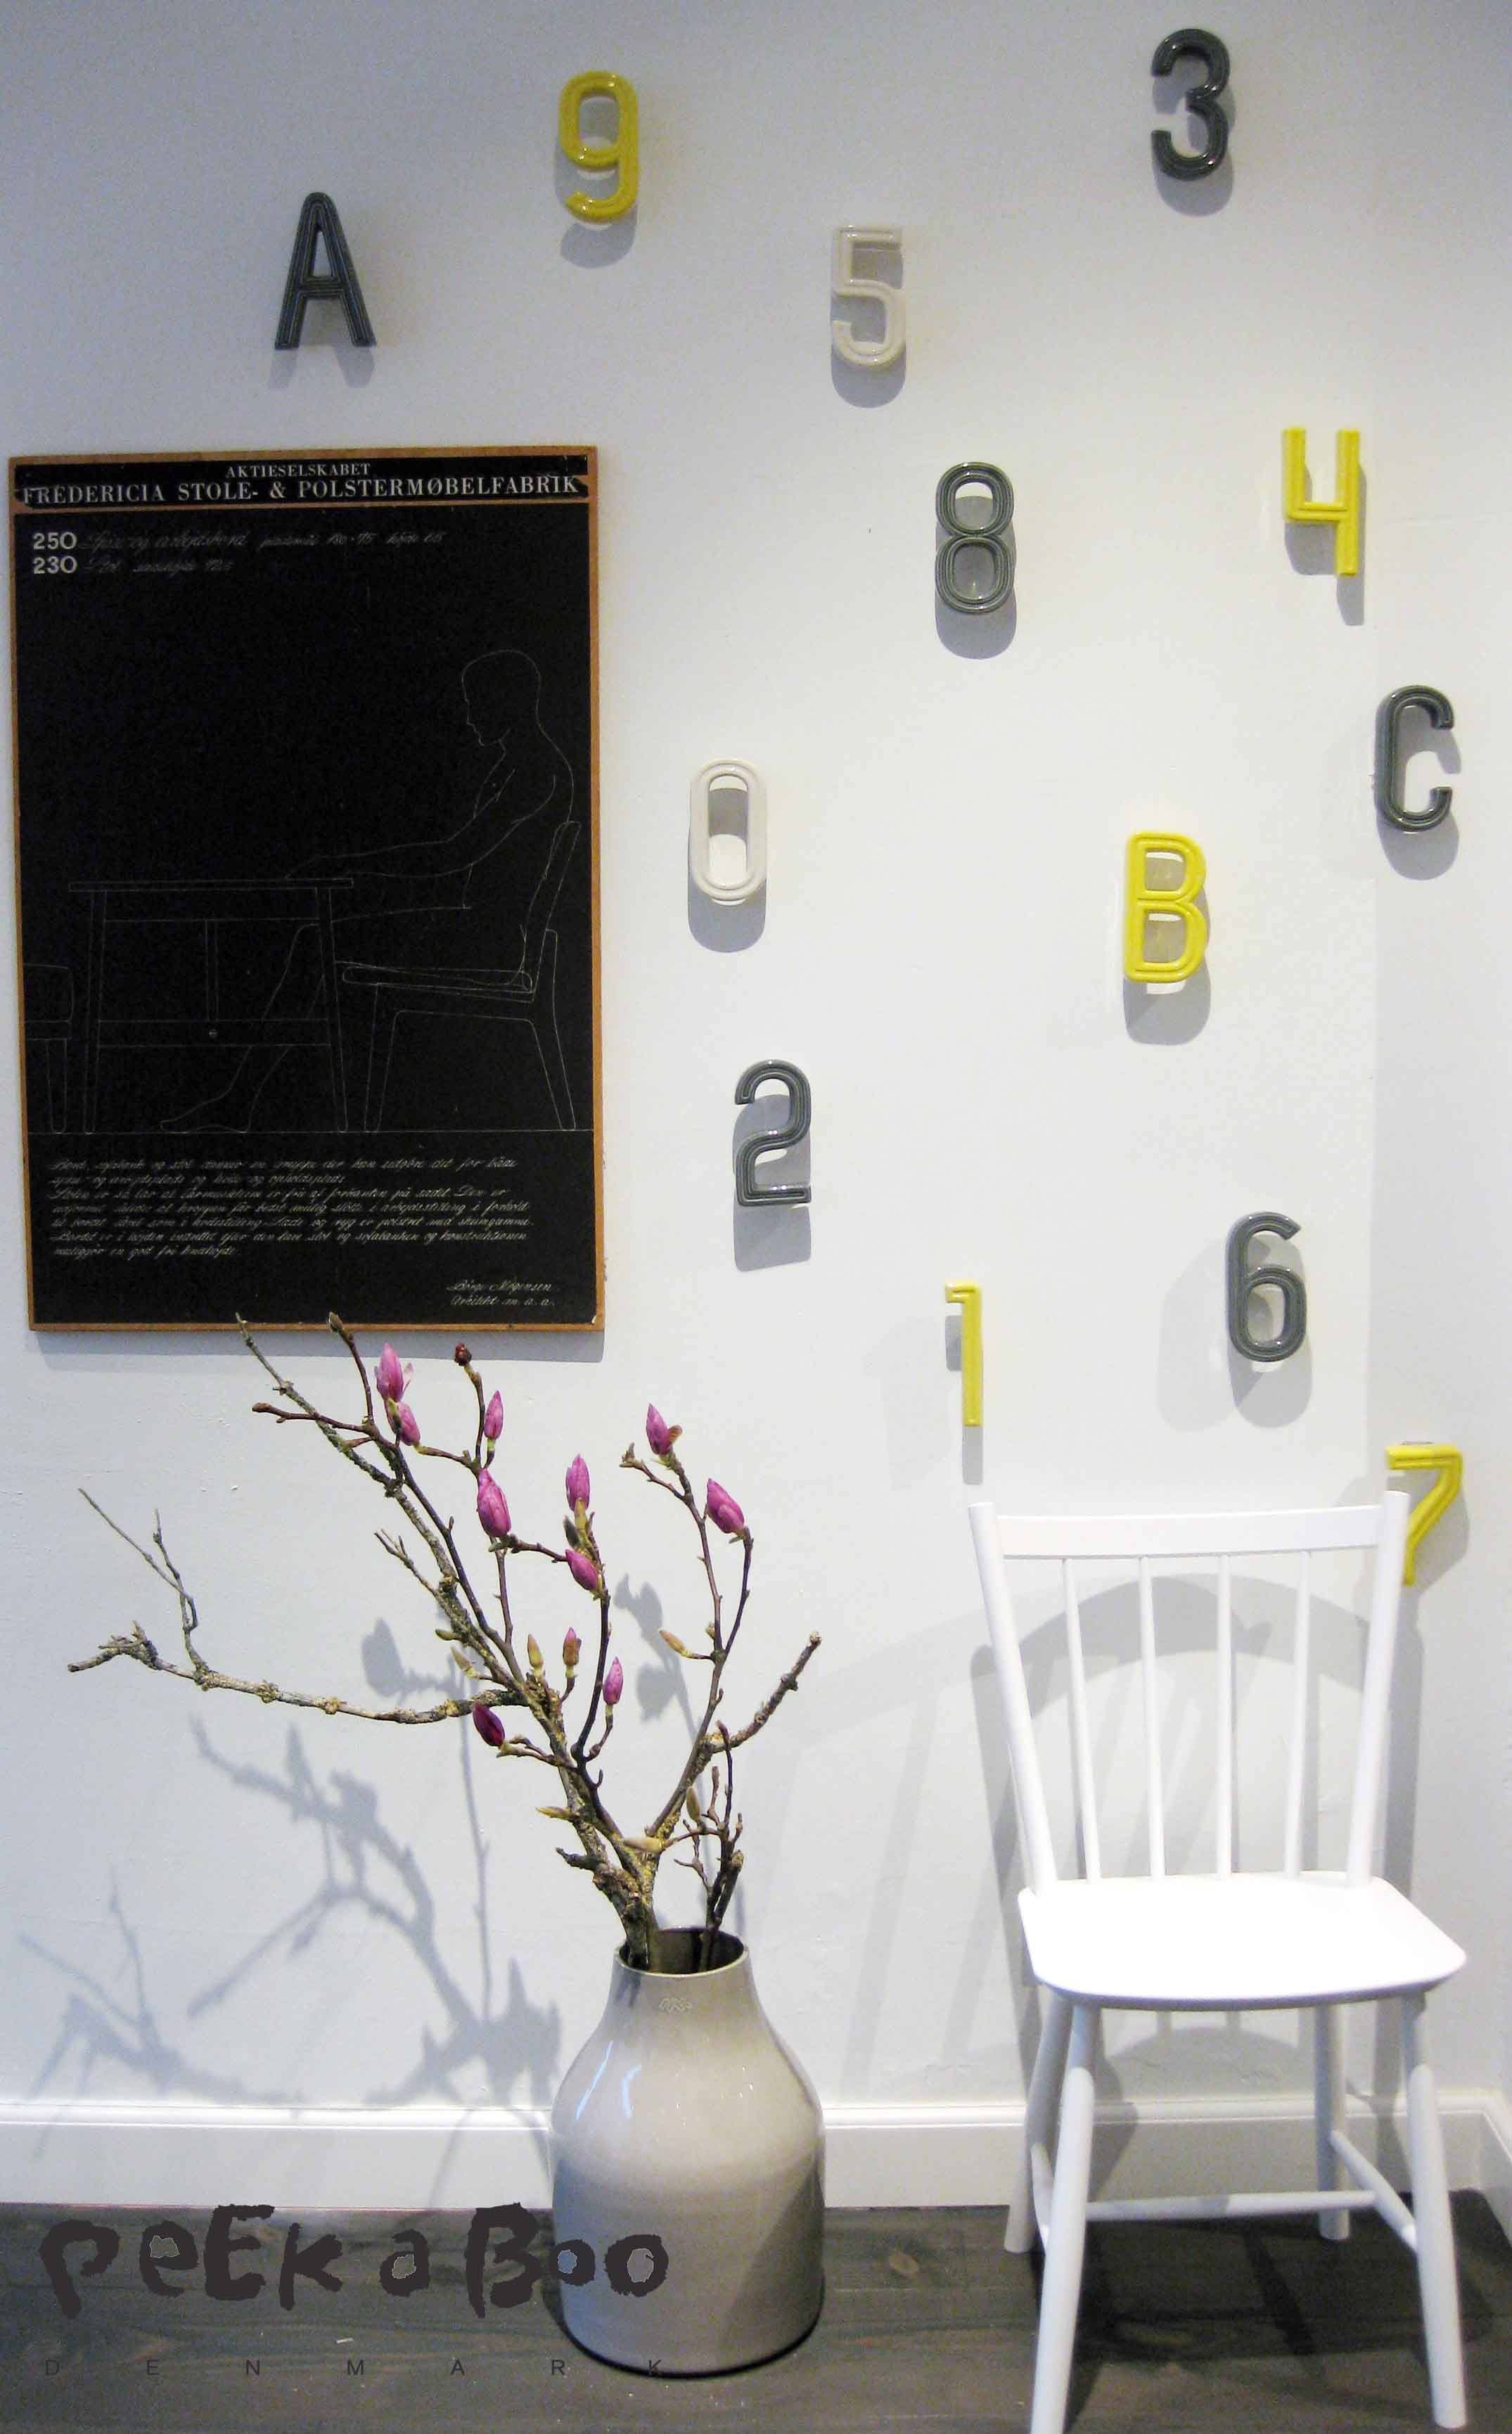 De helt igennem skønne husnumre fra Kahler, så kan du allerede ved indgangen til dit hus signalere god stil...